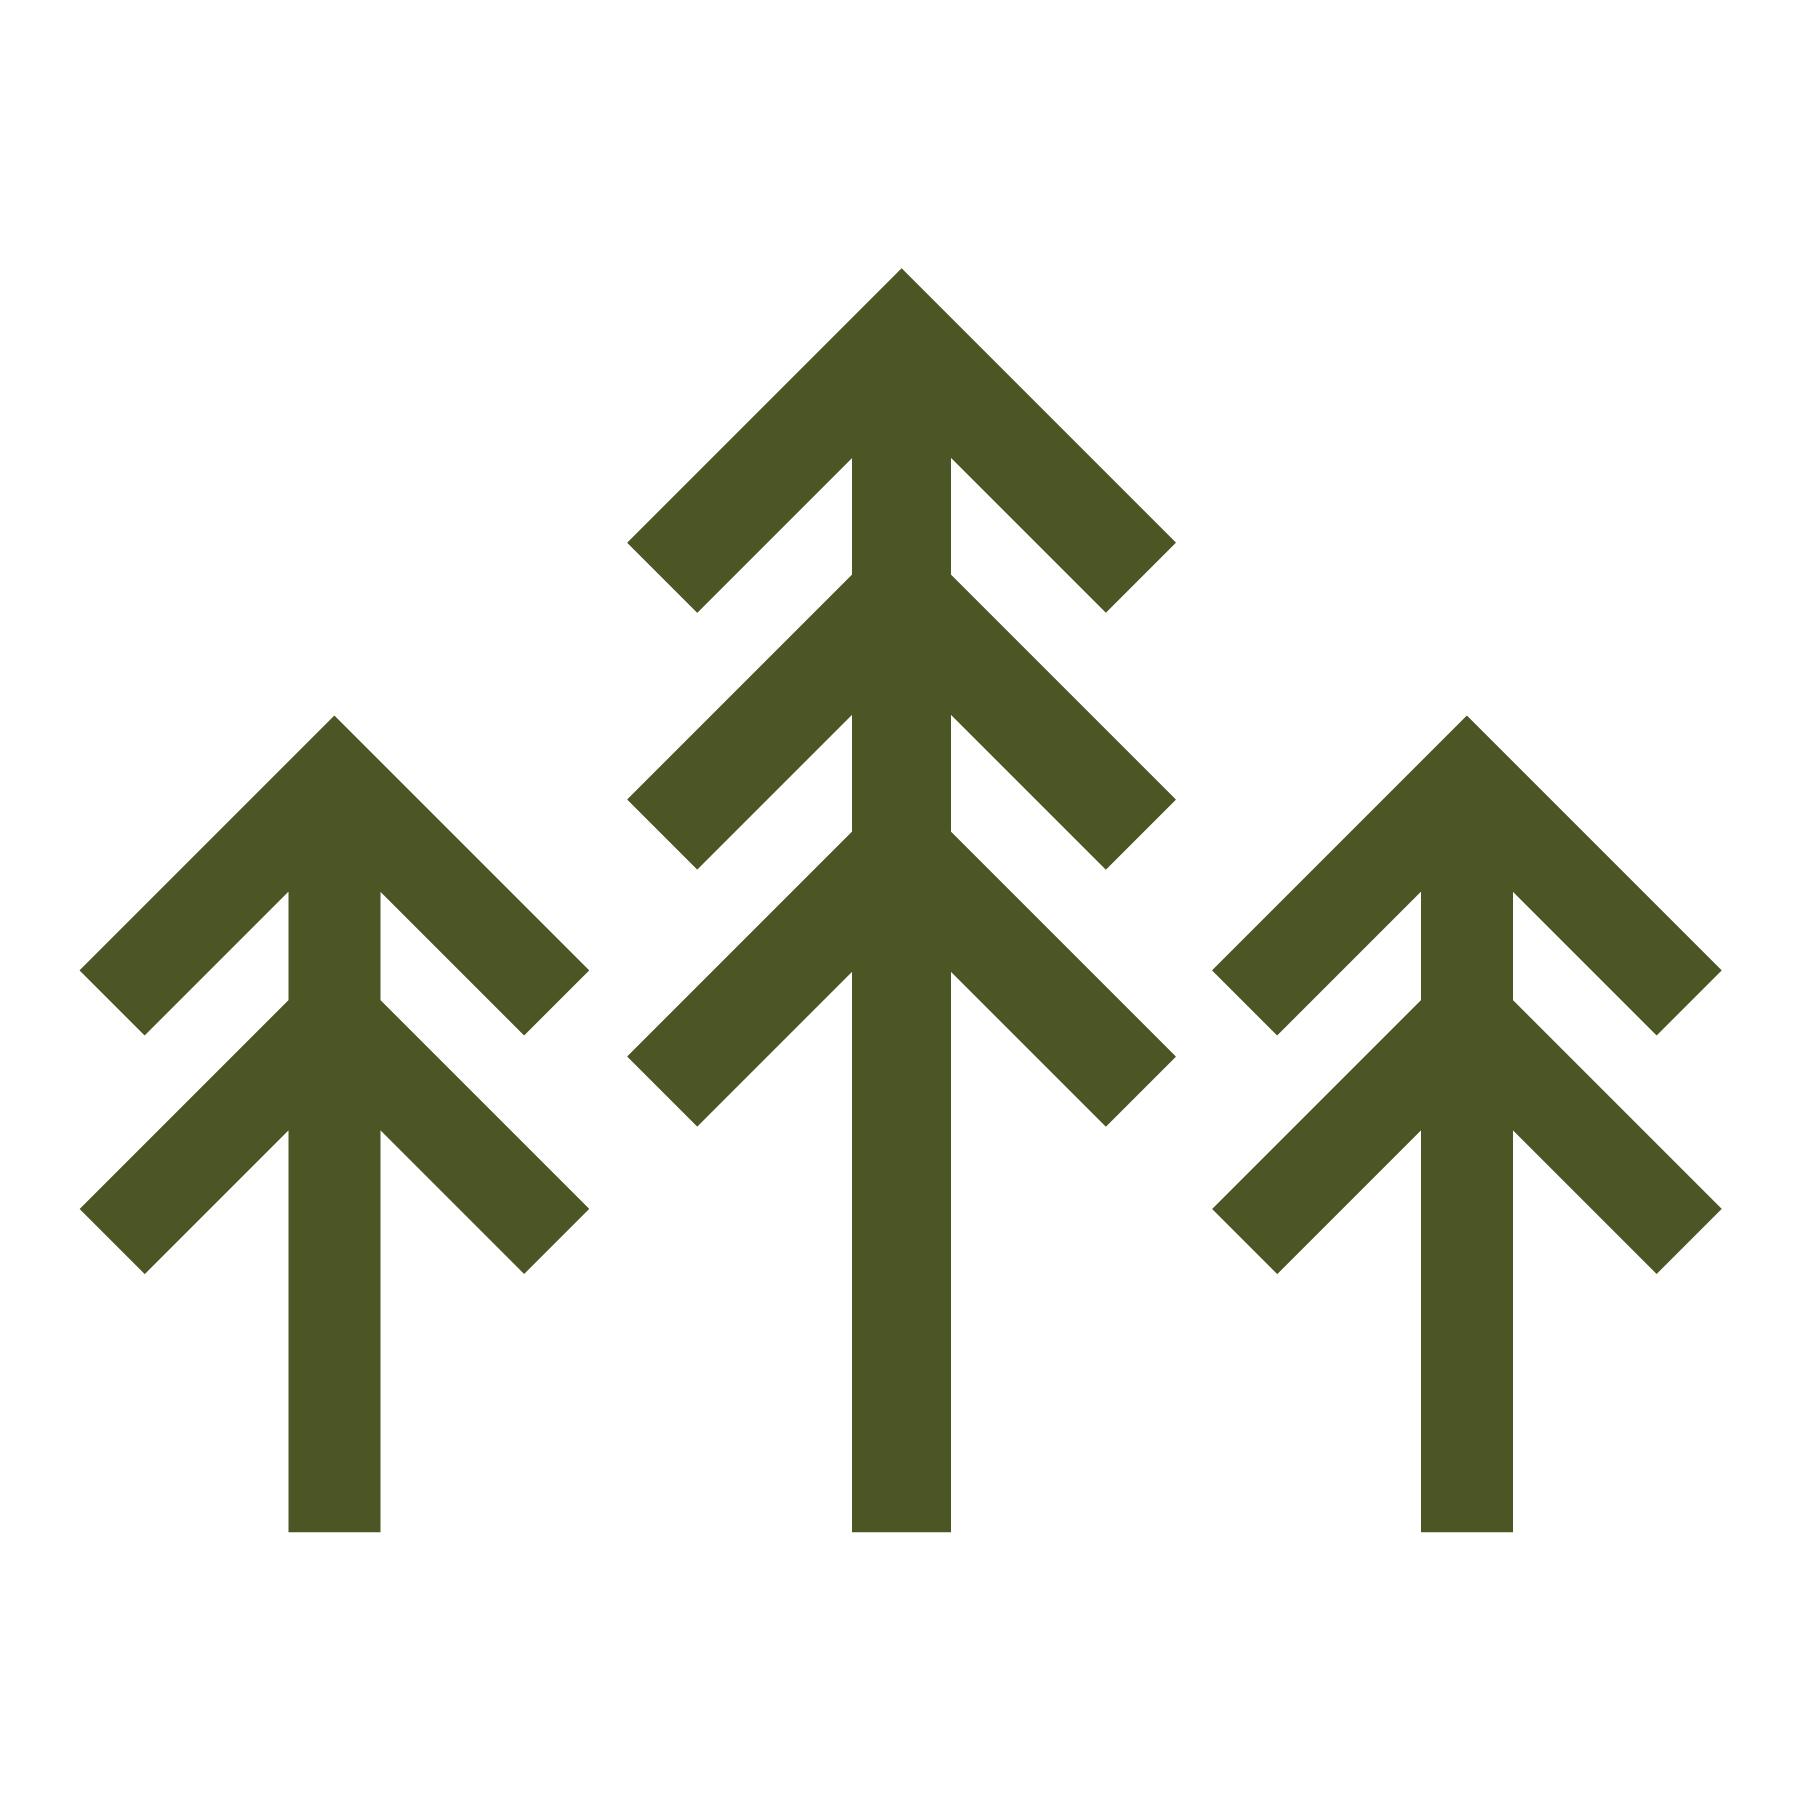 Ultrafit_Trees_DarkGreen (2).jpg